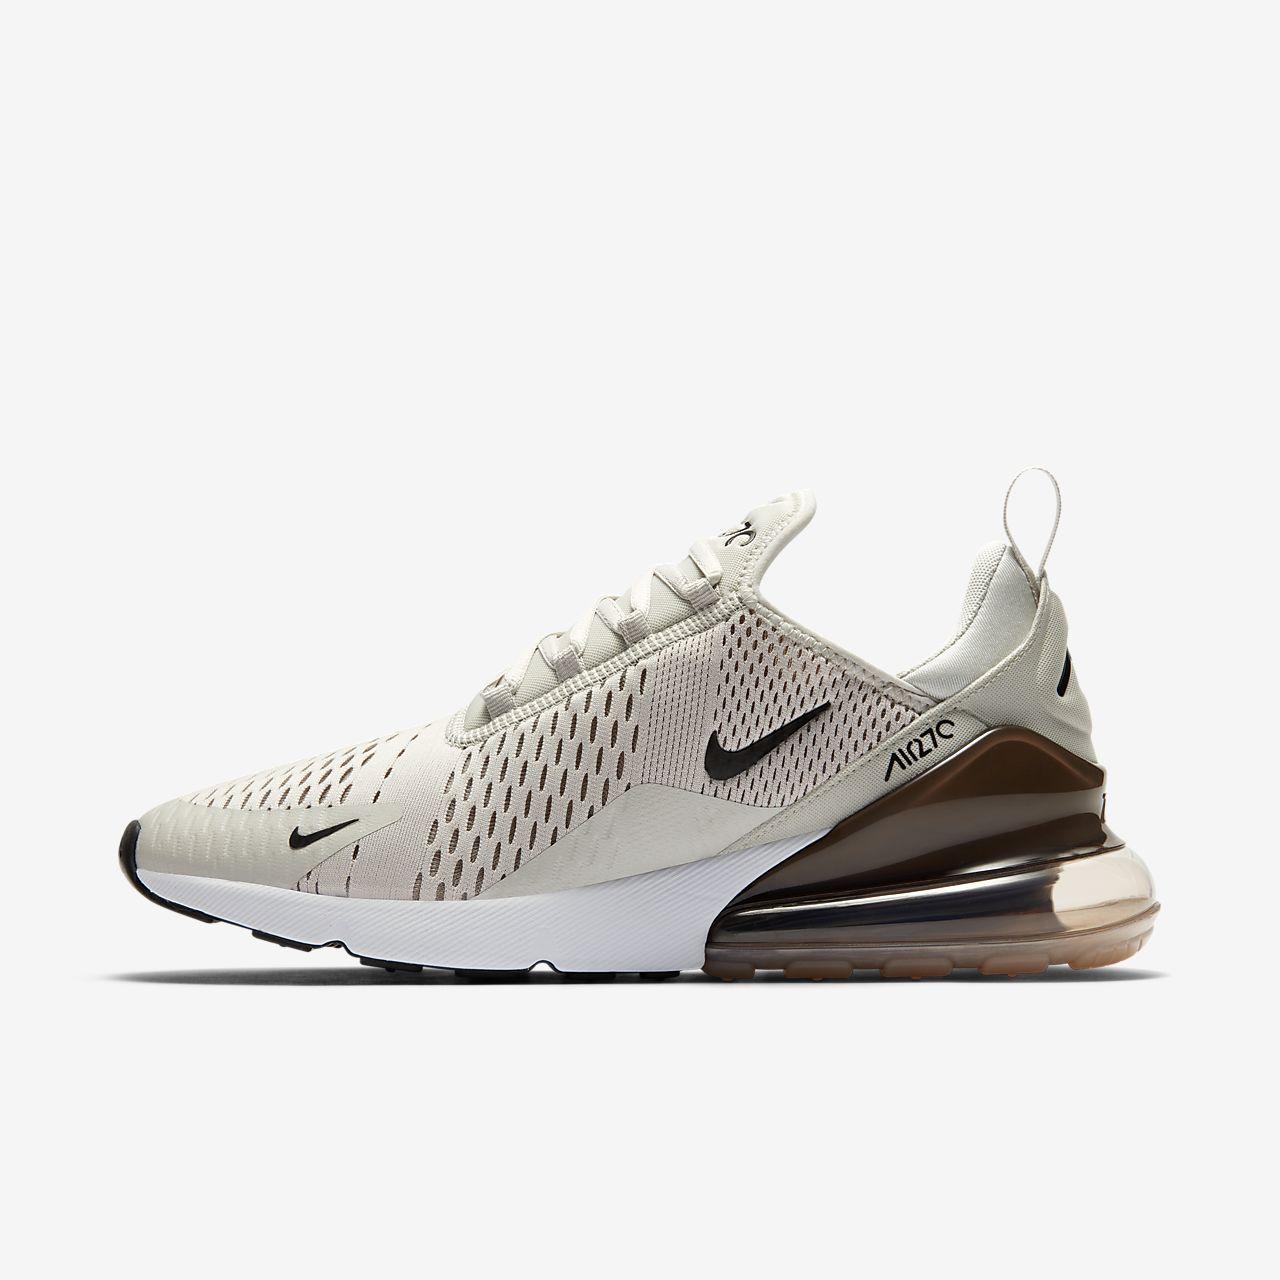 NIKE Uomo Scarpe Sneaker Nero Grigio Misura 40.5 44 46 rivoluzione 3 M uomo